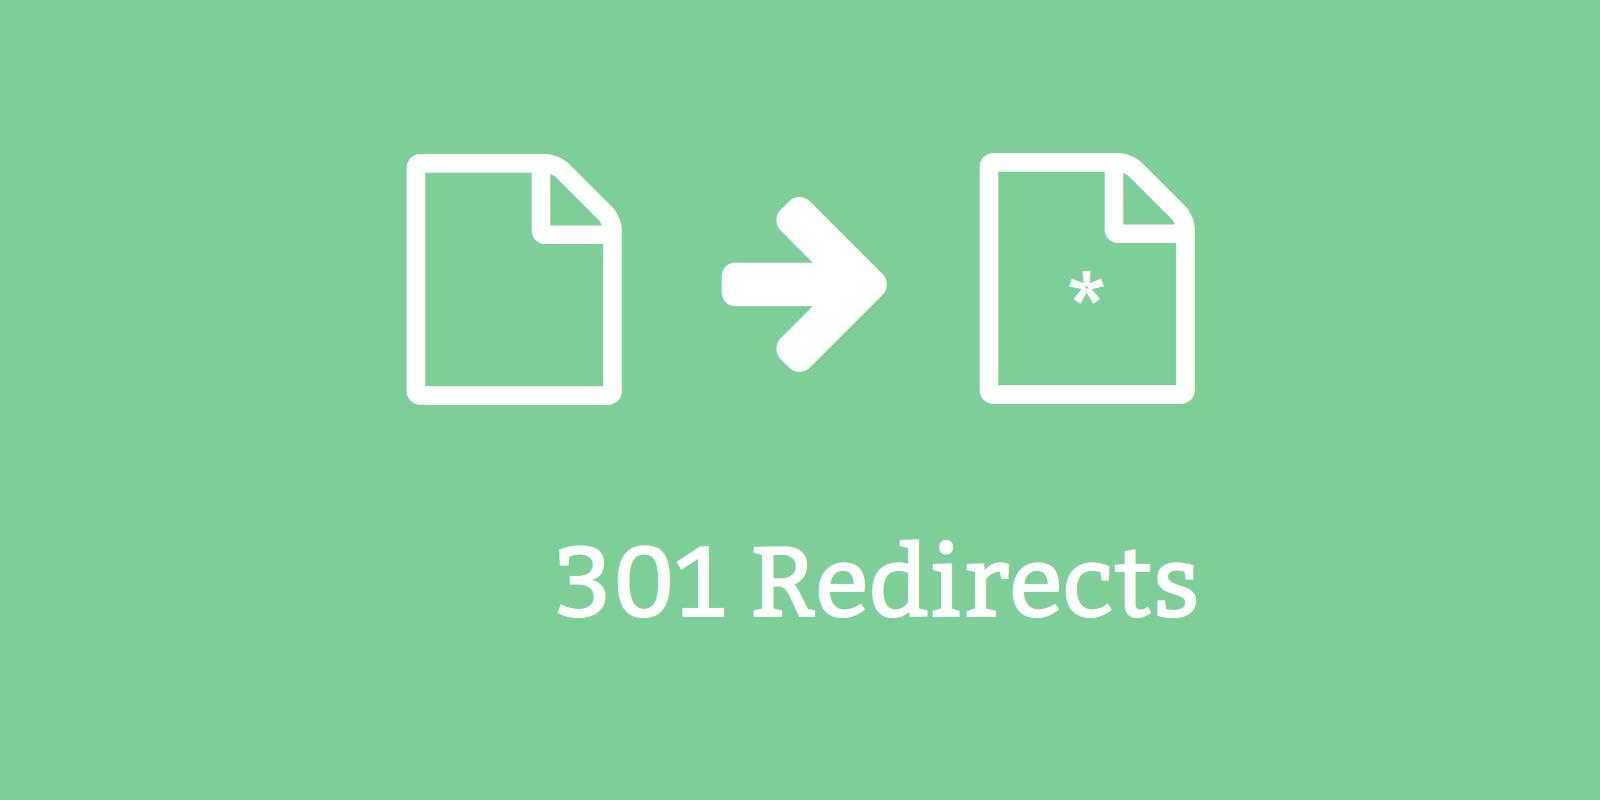 301 Yönlendirmesi Nedir? Ne İşe Yarar?